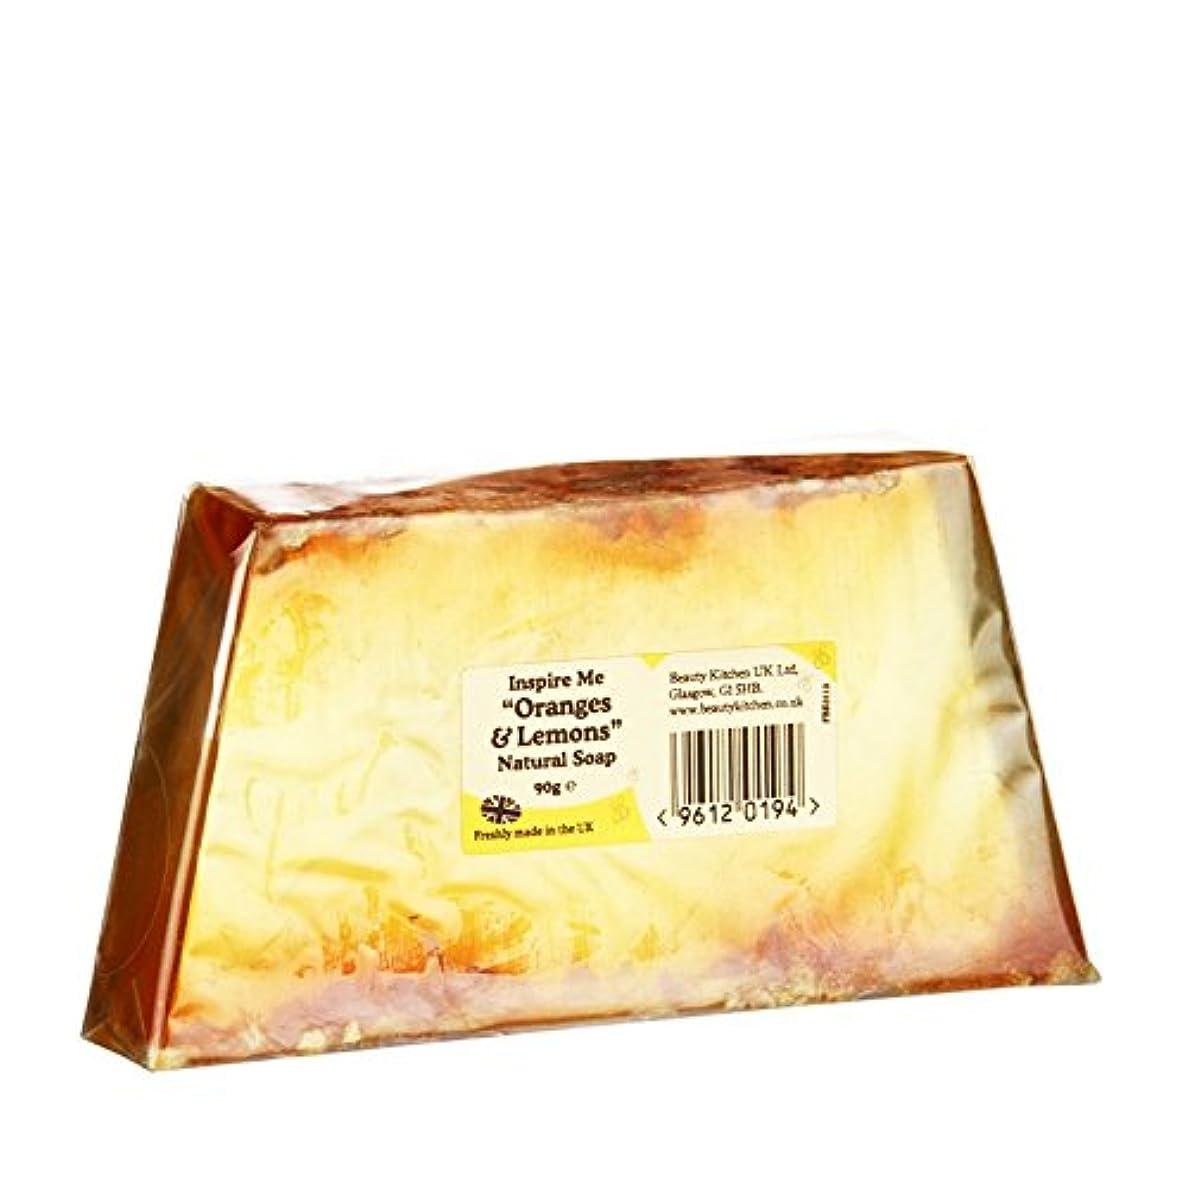 名誉学校の先生名誉美しさのキッチンは私がオレンジ&レモンの天然石鹸90グラム鼓舞します - Beauty Kitchen Inspire Me Orange & Lemon Natural Soap 90g (Beauty Kitchen) [並行輸入品]